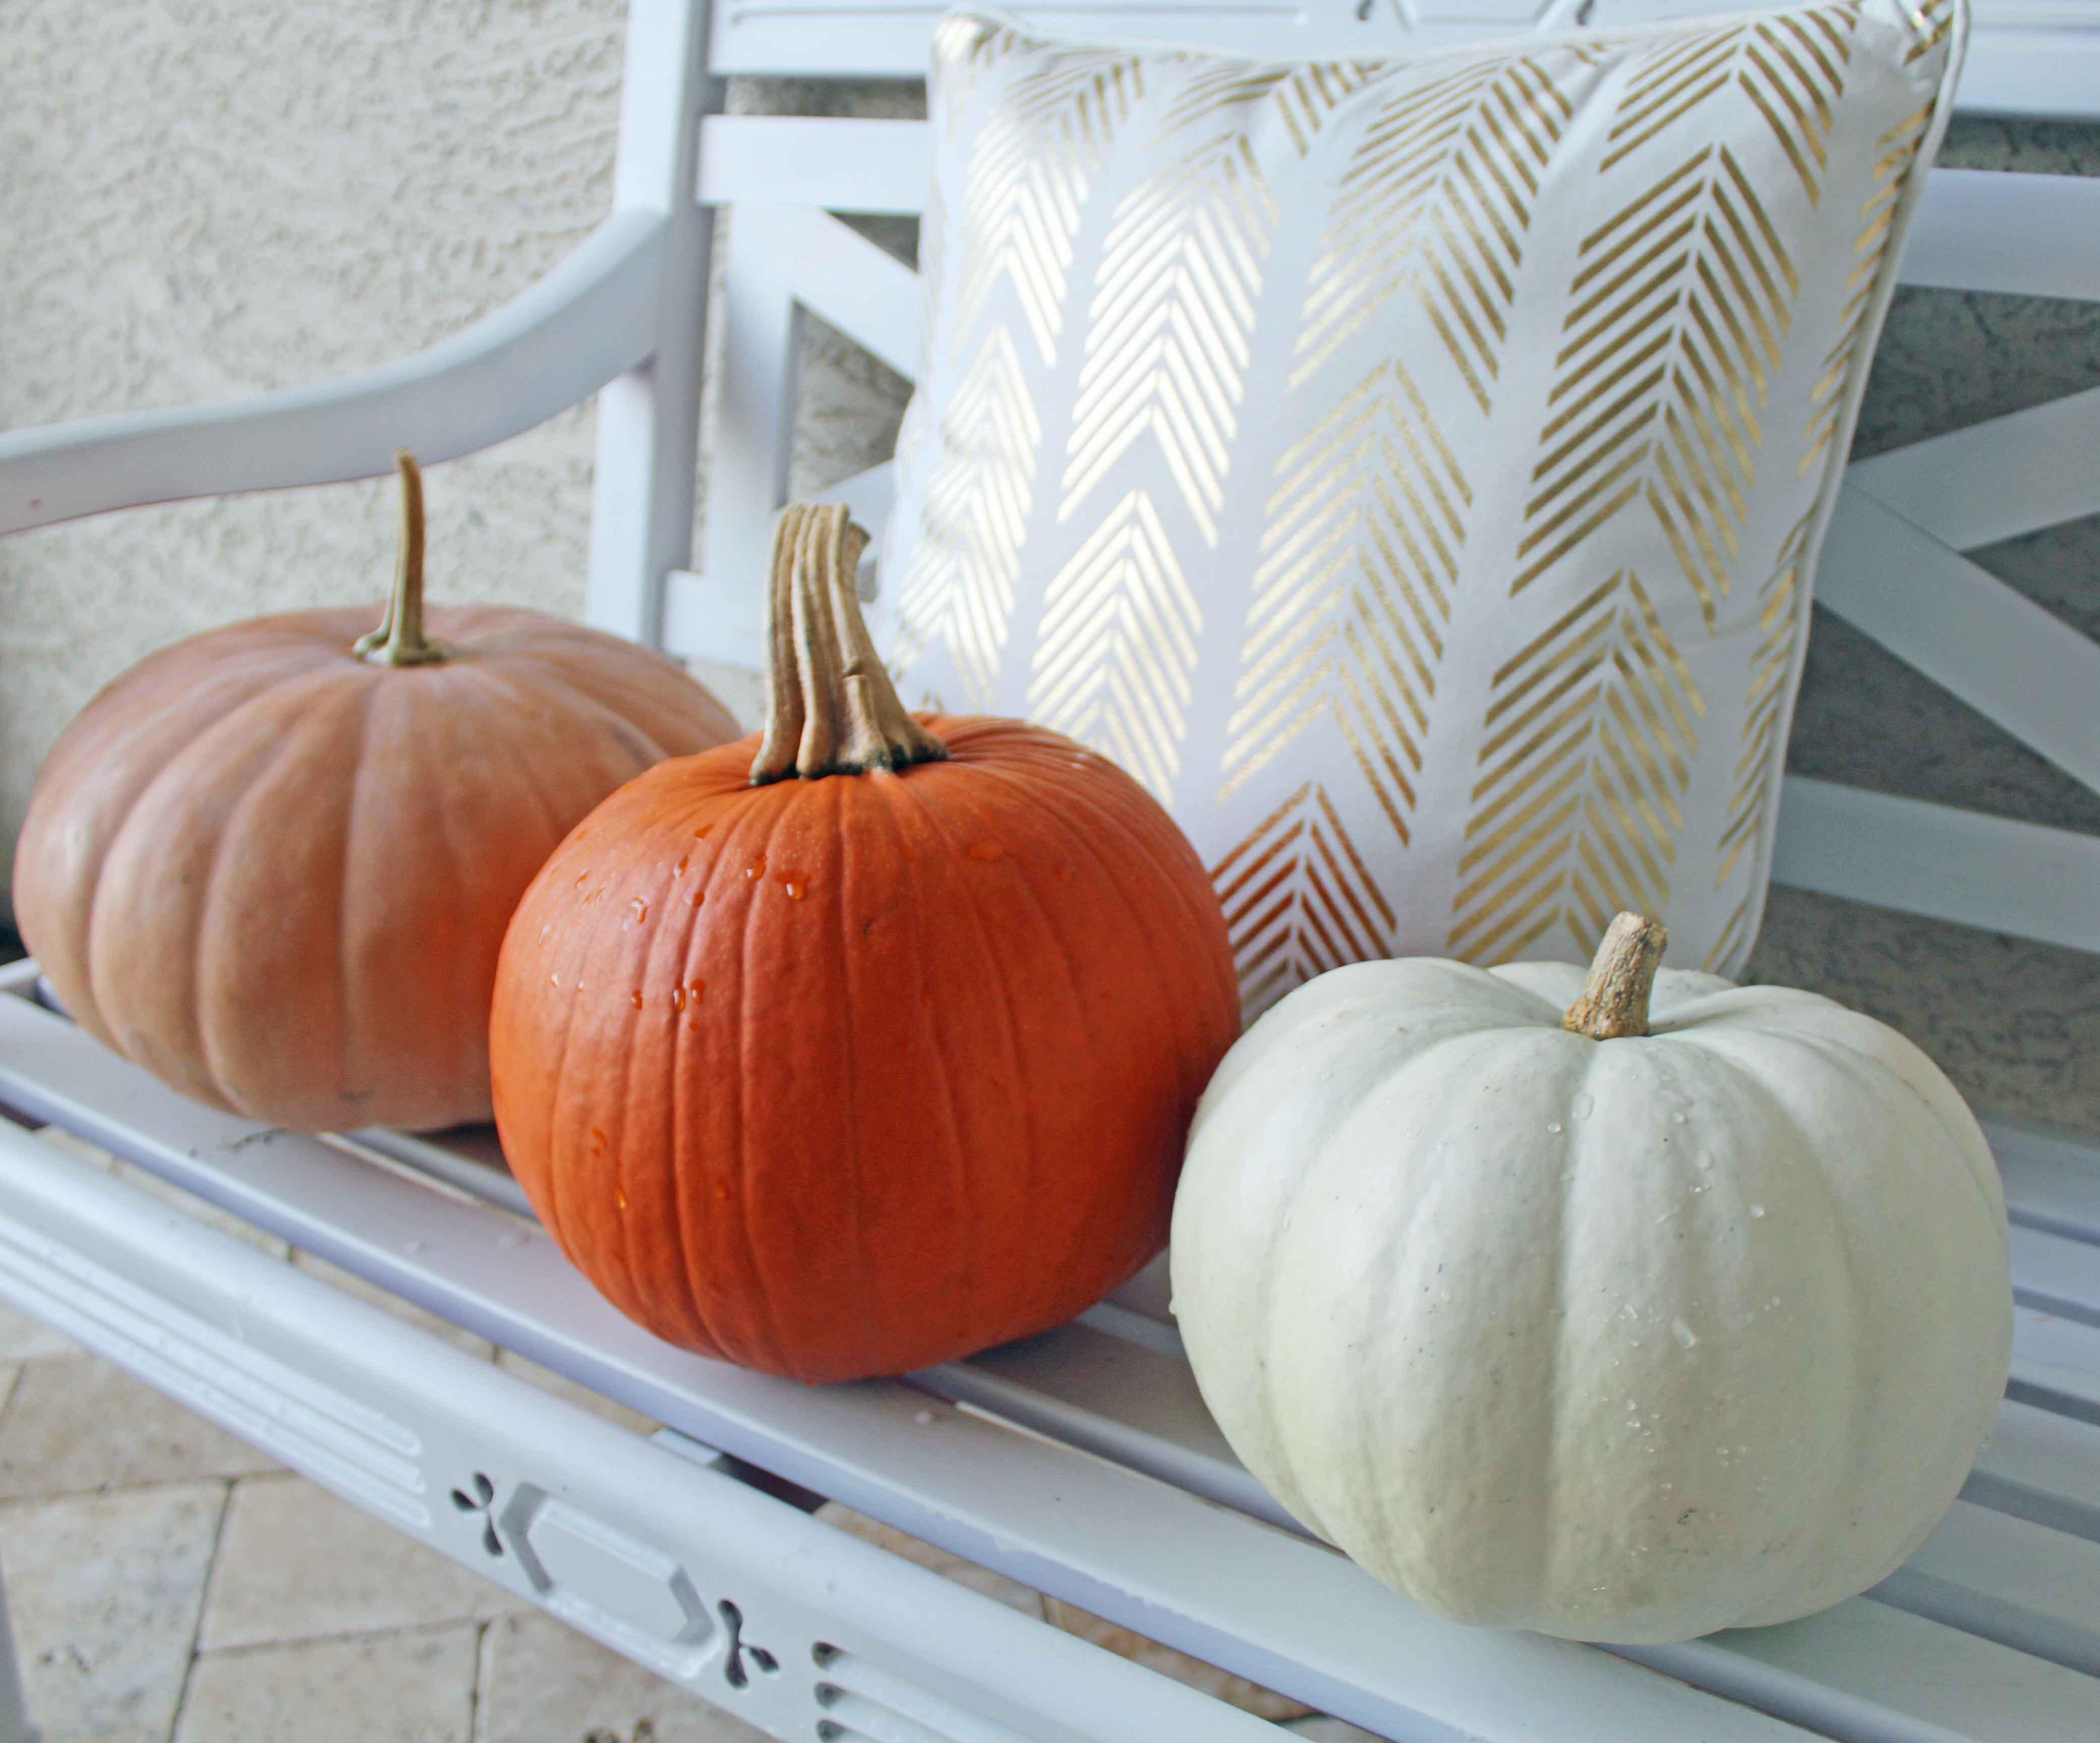 Fall Decor Ideas by Modern Honey. White, Peach, and Orange Pumpkins